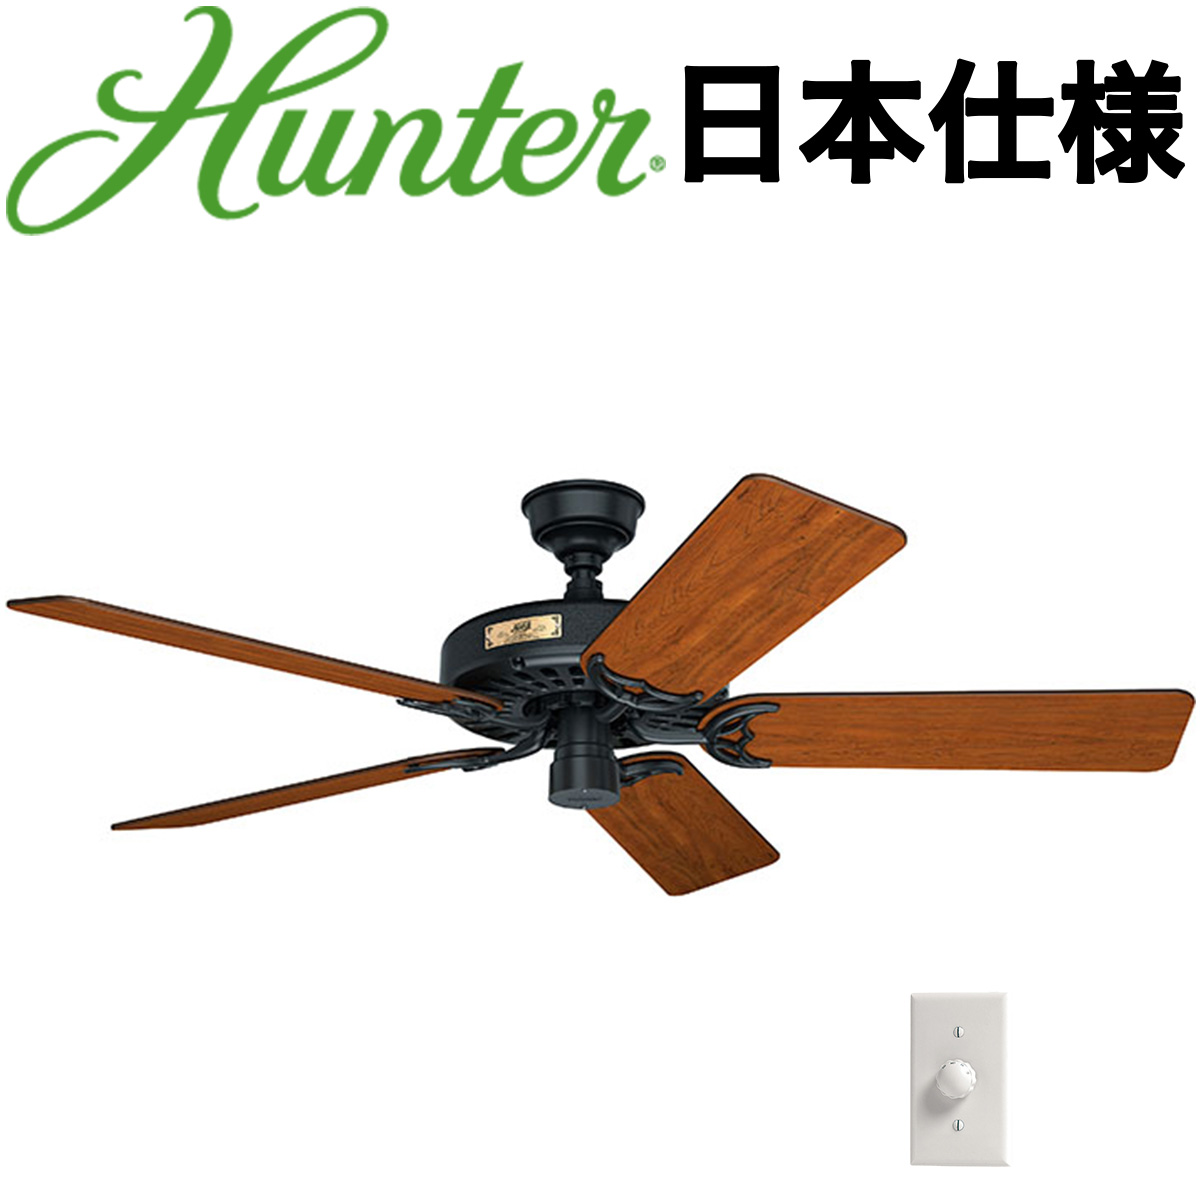 Hunter ハンター シーリングファン ハンターオリジナル 23838 傾斜天井 吹き抜け おしゃれ かっこいい 送料無料